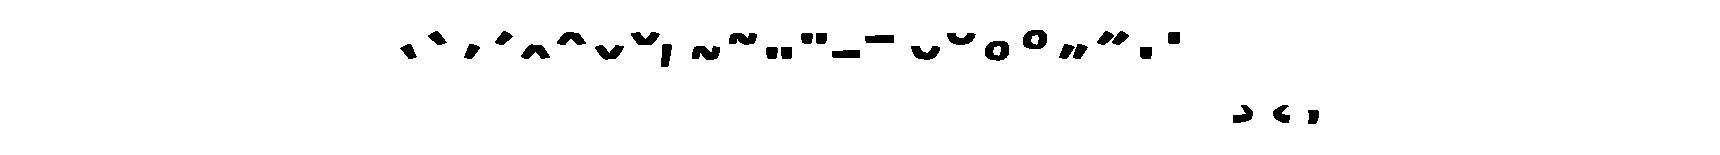 <p>Accents</p> glyphs